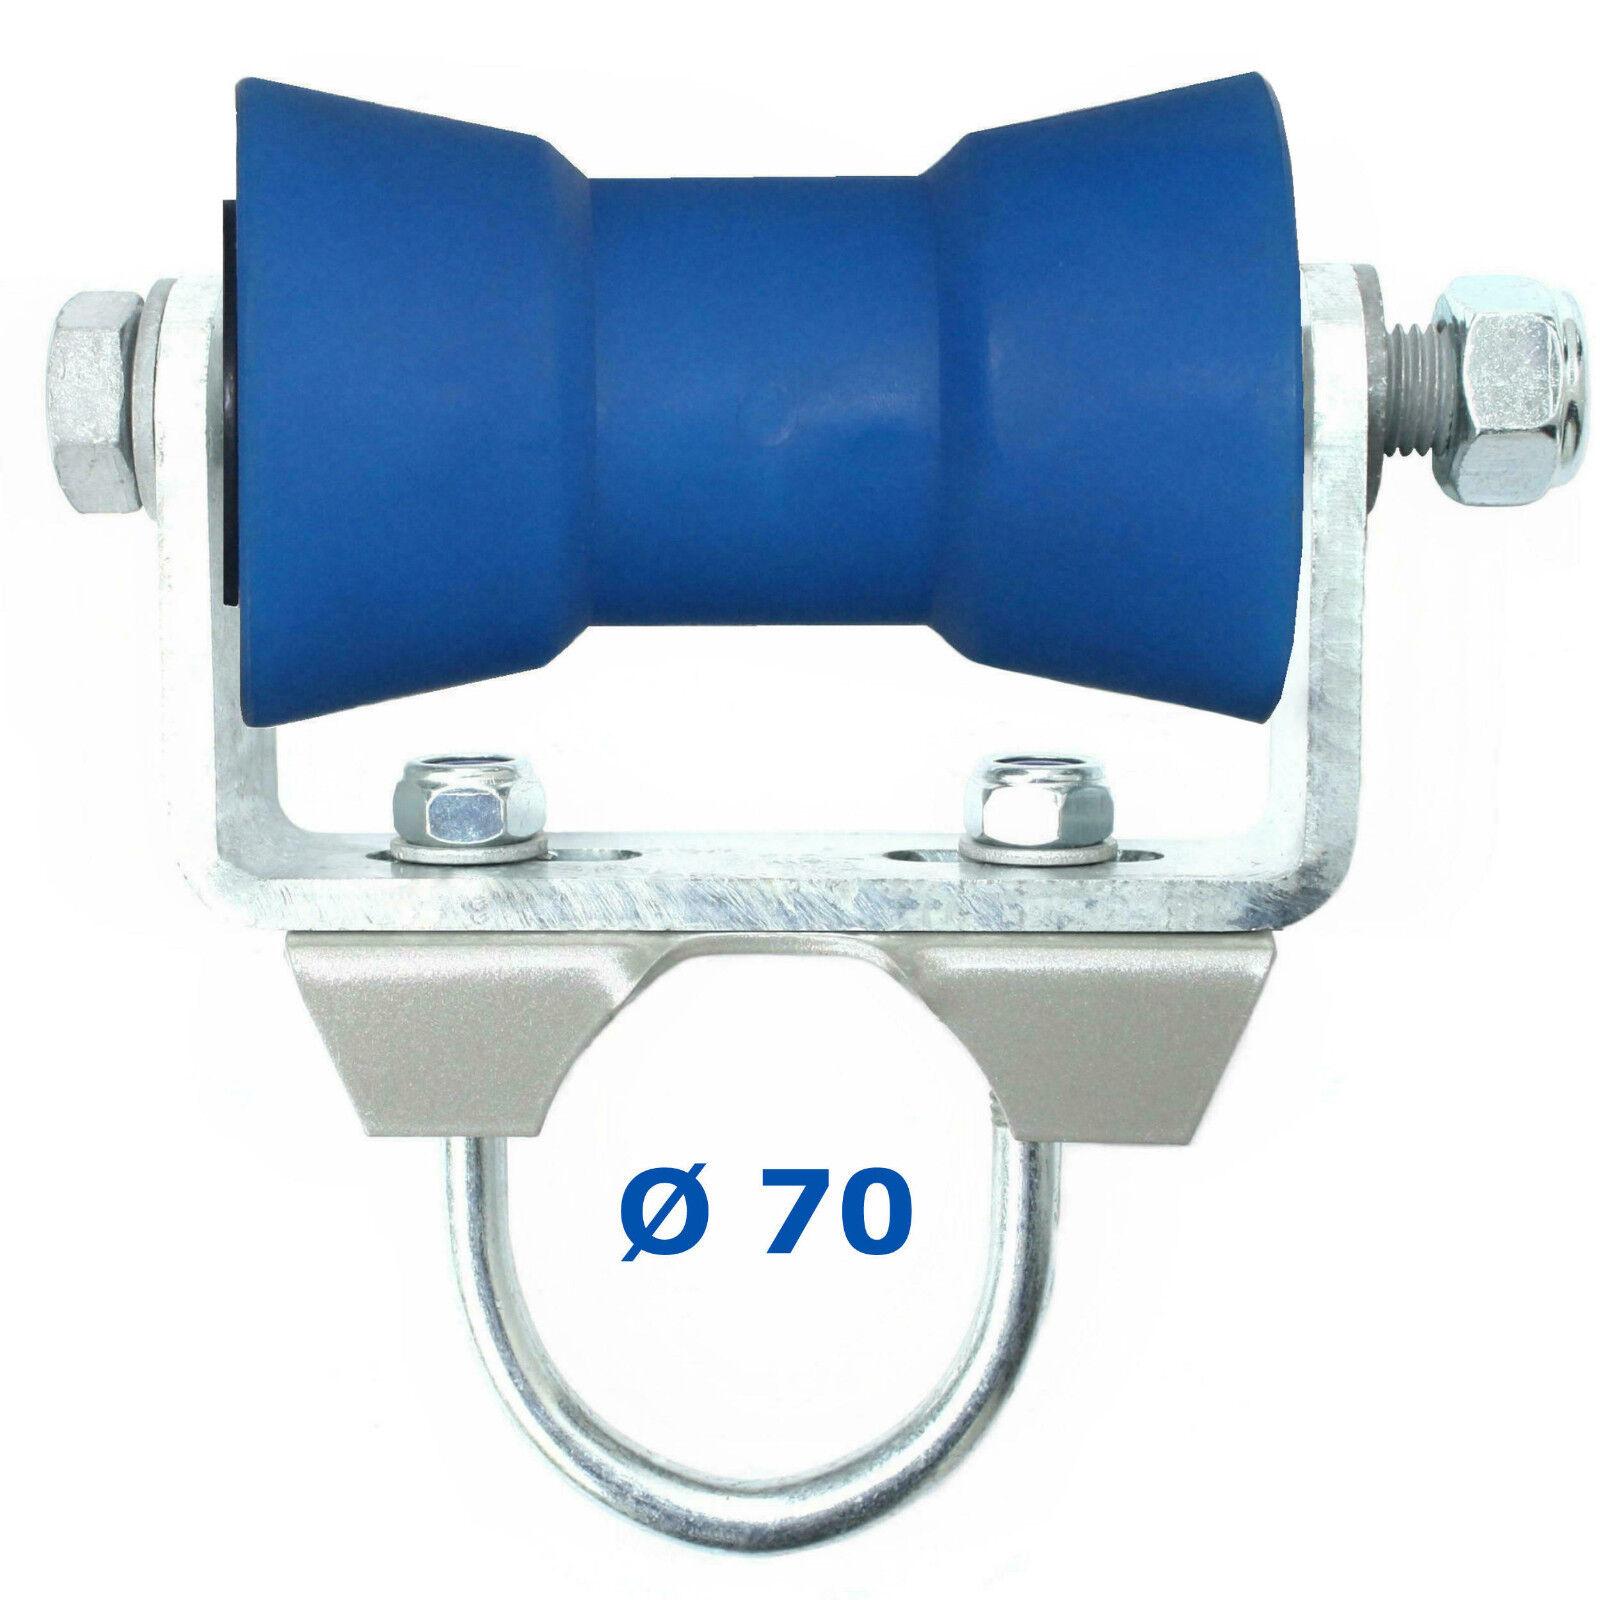 ✘ U-Halter inkl. BlauLINE-128 (PU) für Rundrohr Rundrohr Rundrohr Ø 60/70 mm | Sliphilfe Kielrolle aeea92